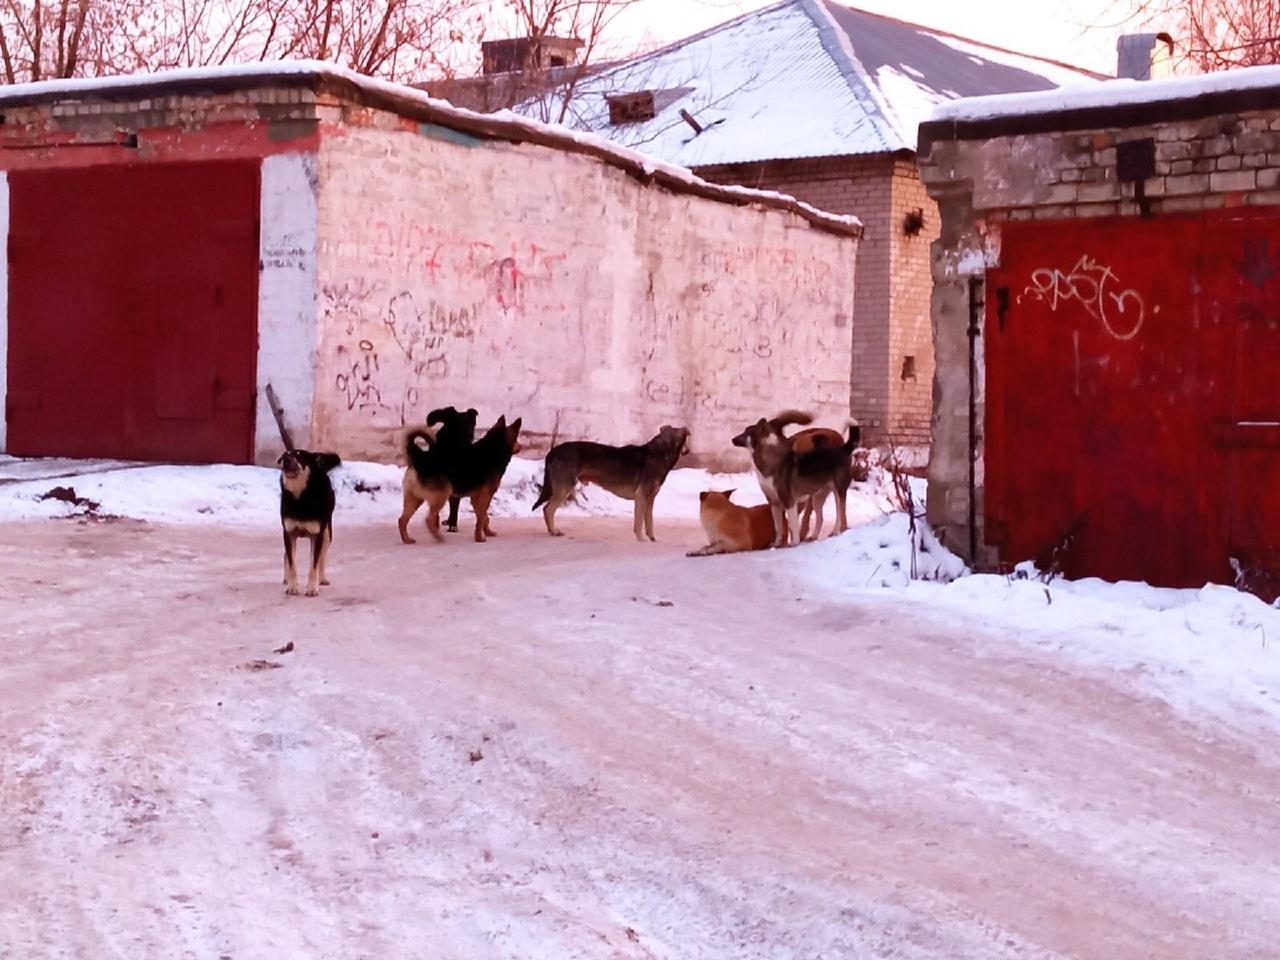 «За неделю укусила 8 человек»: горожане обеспокоены большими стаями собак в одном из городов Прикамья